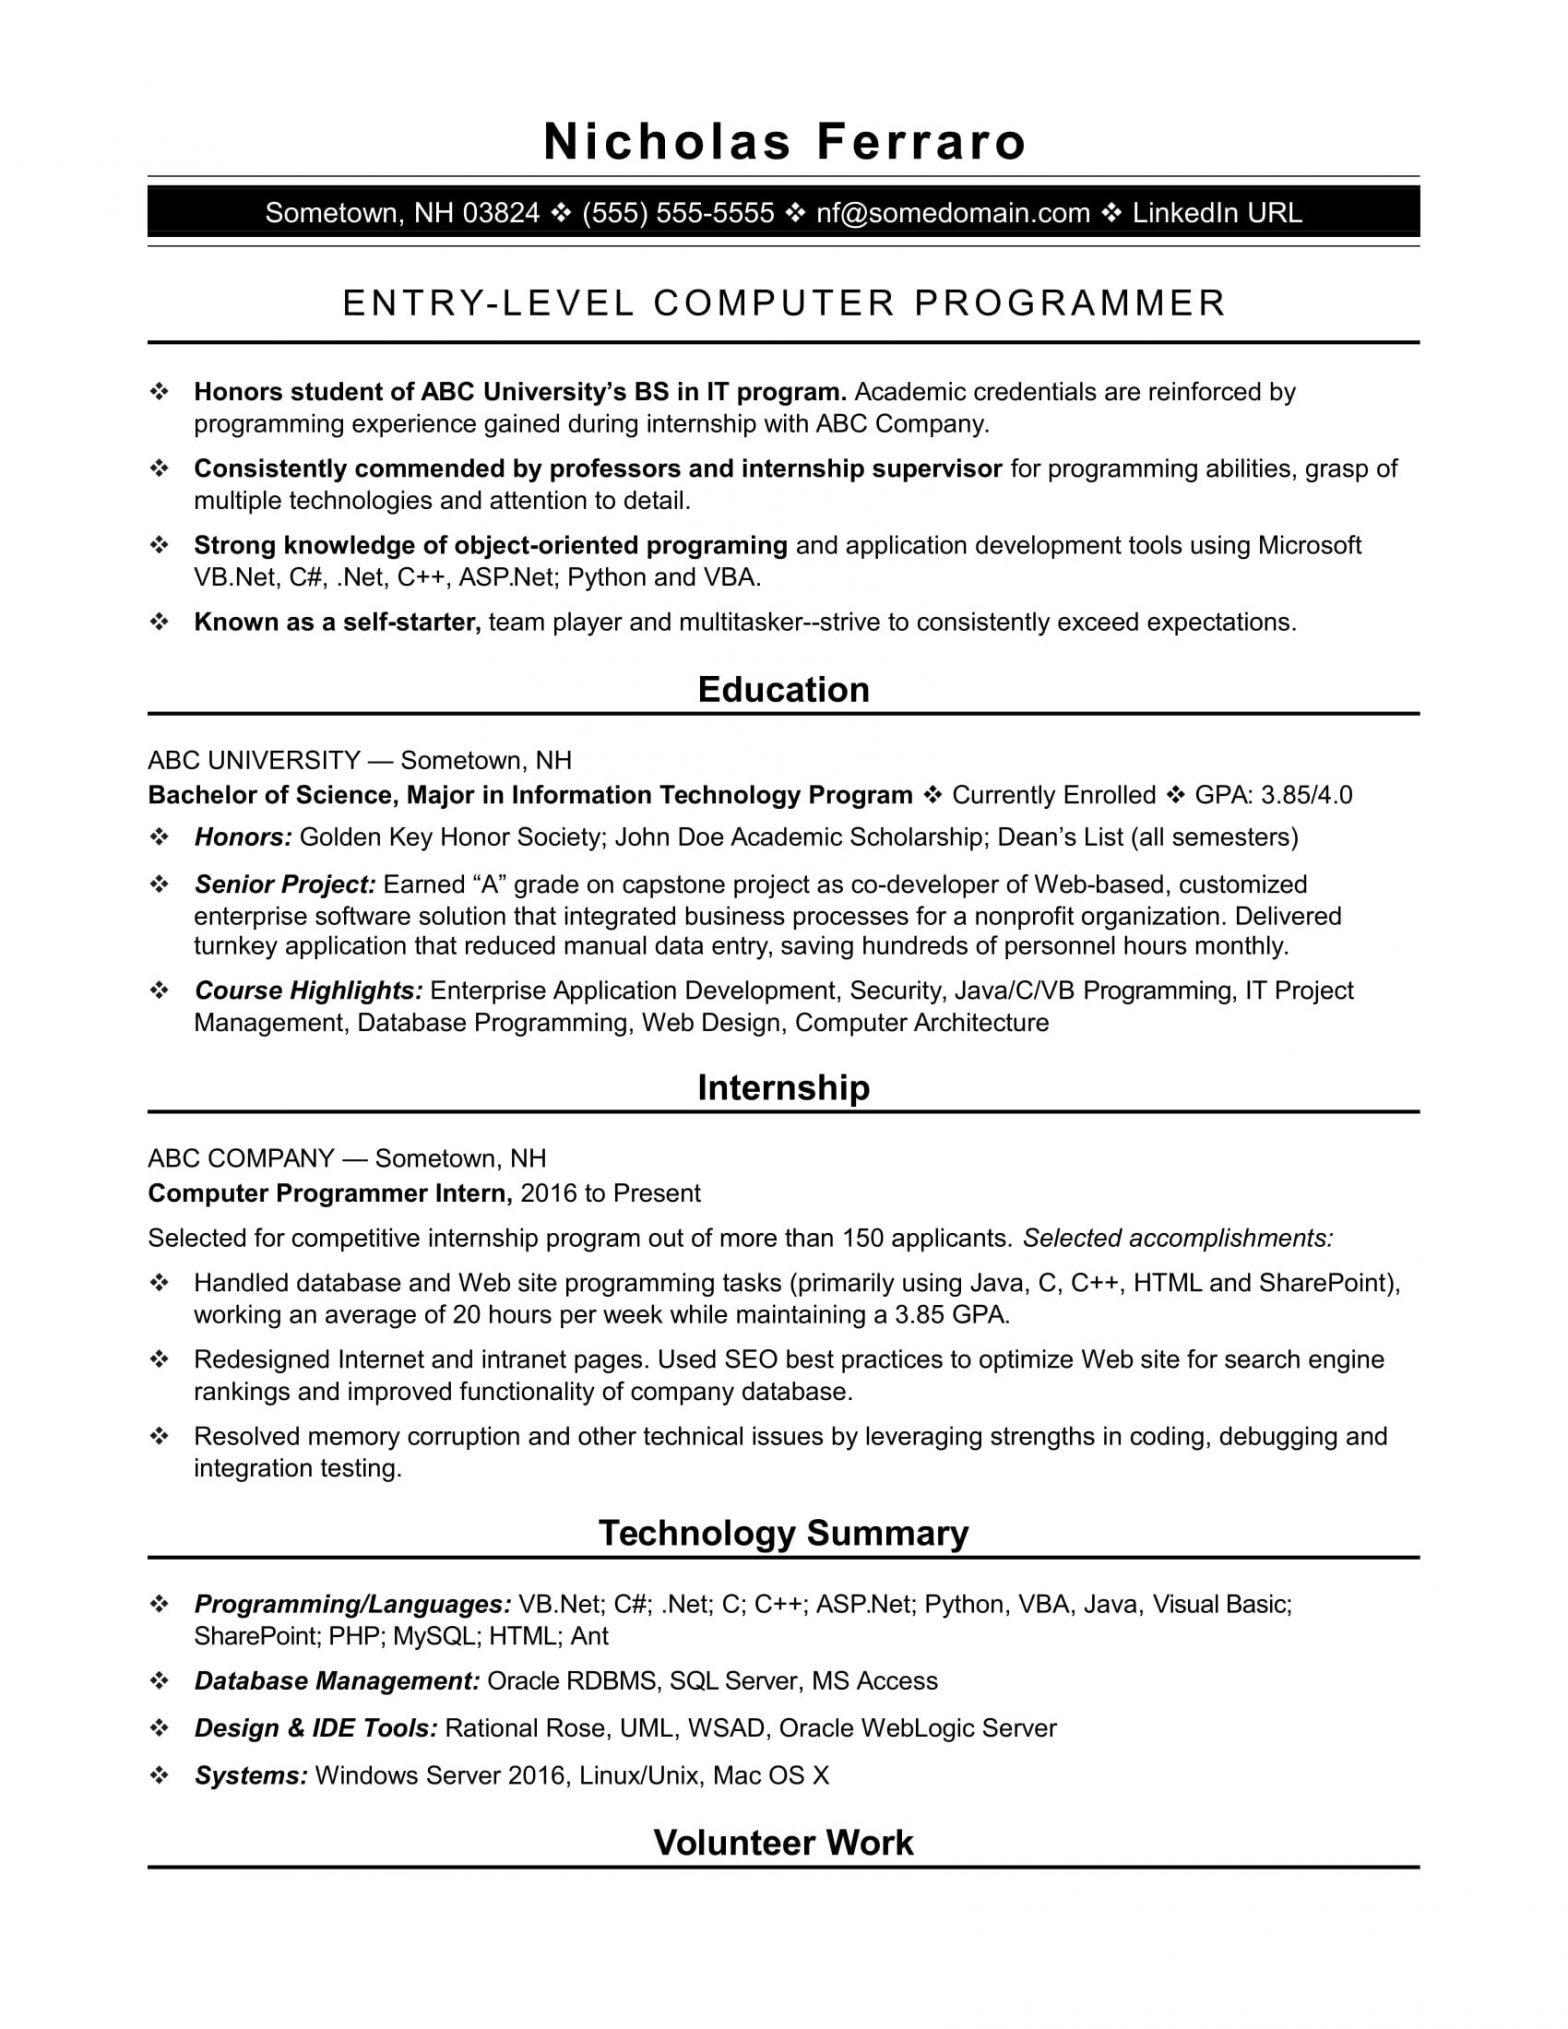 Sample Resume for Computer Programming Student Entry-level Programmer Resume Monster.com